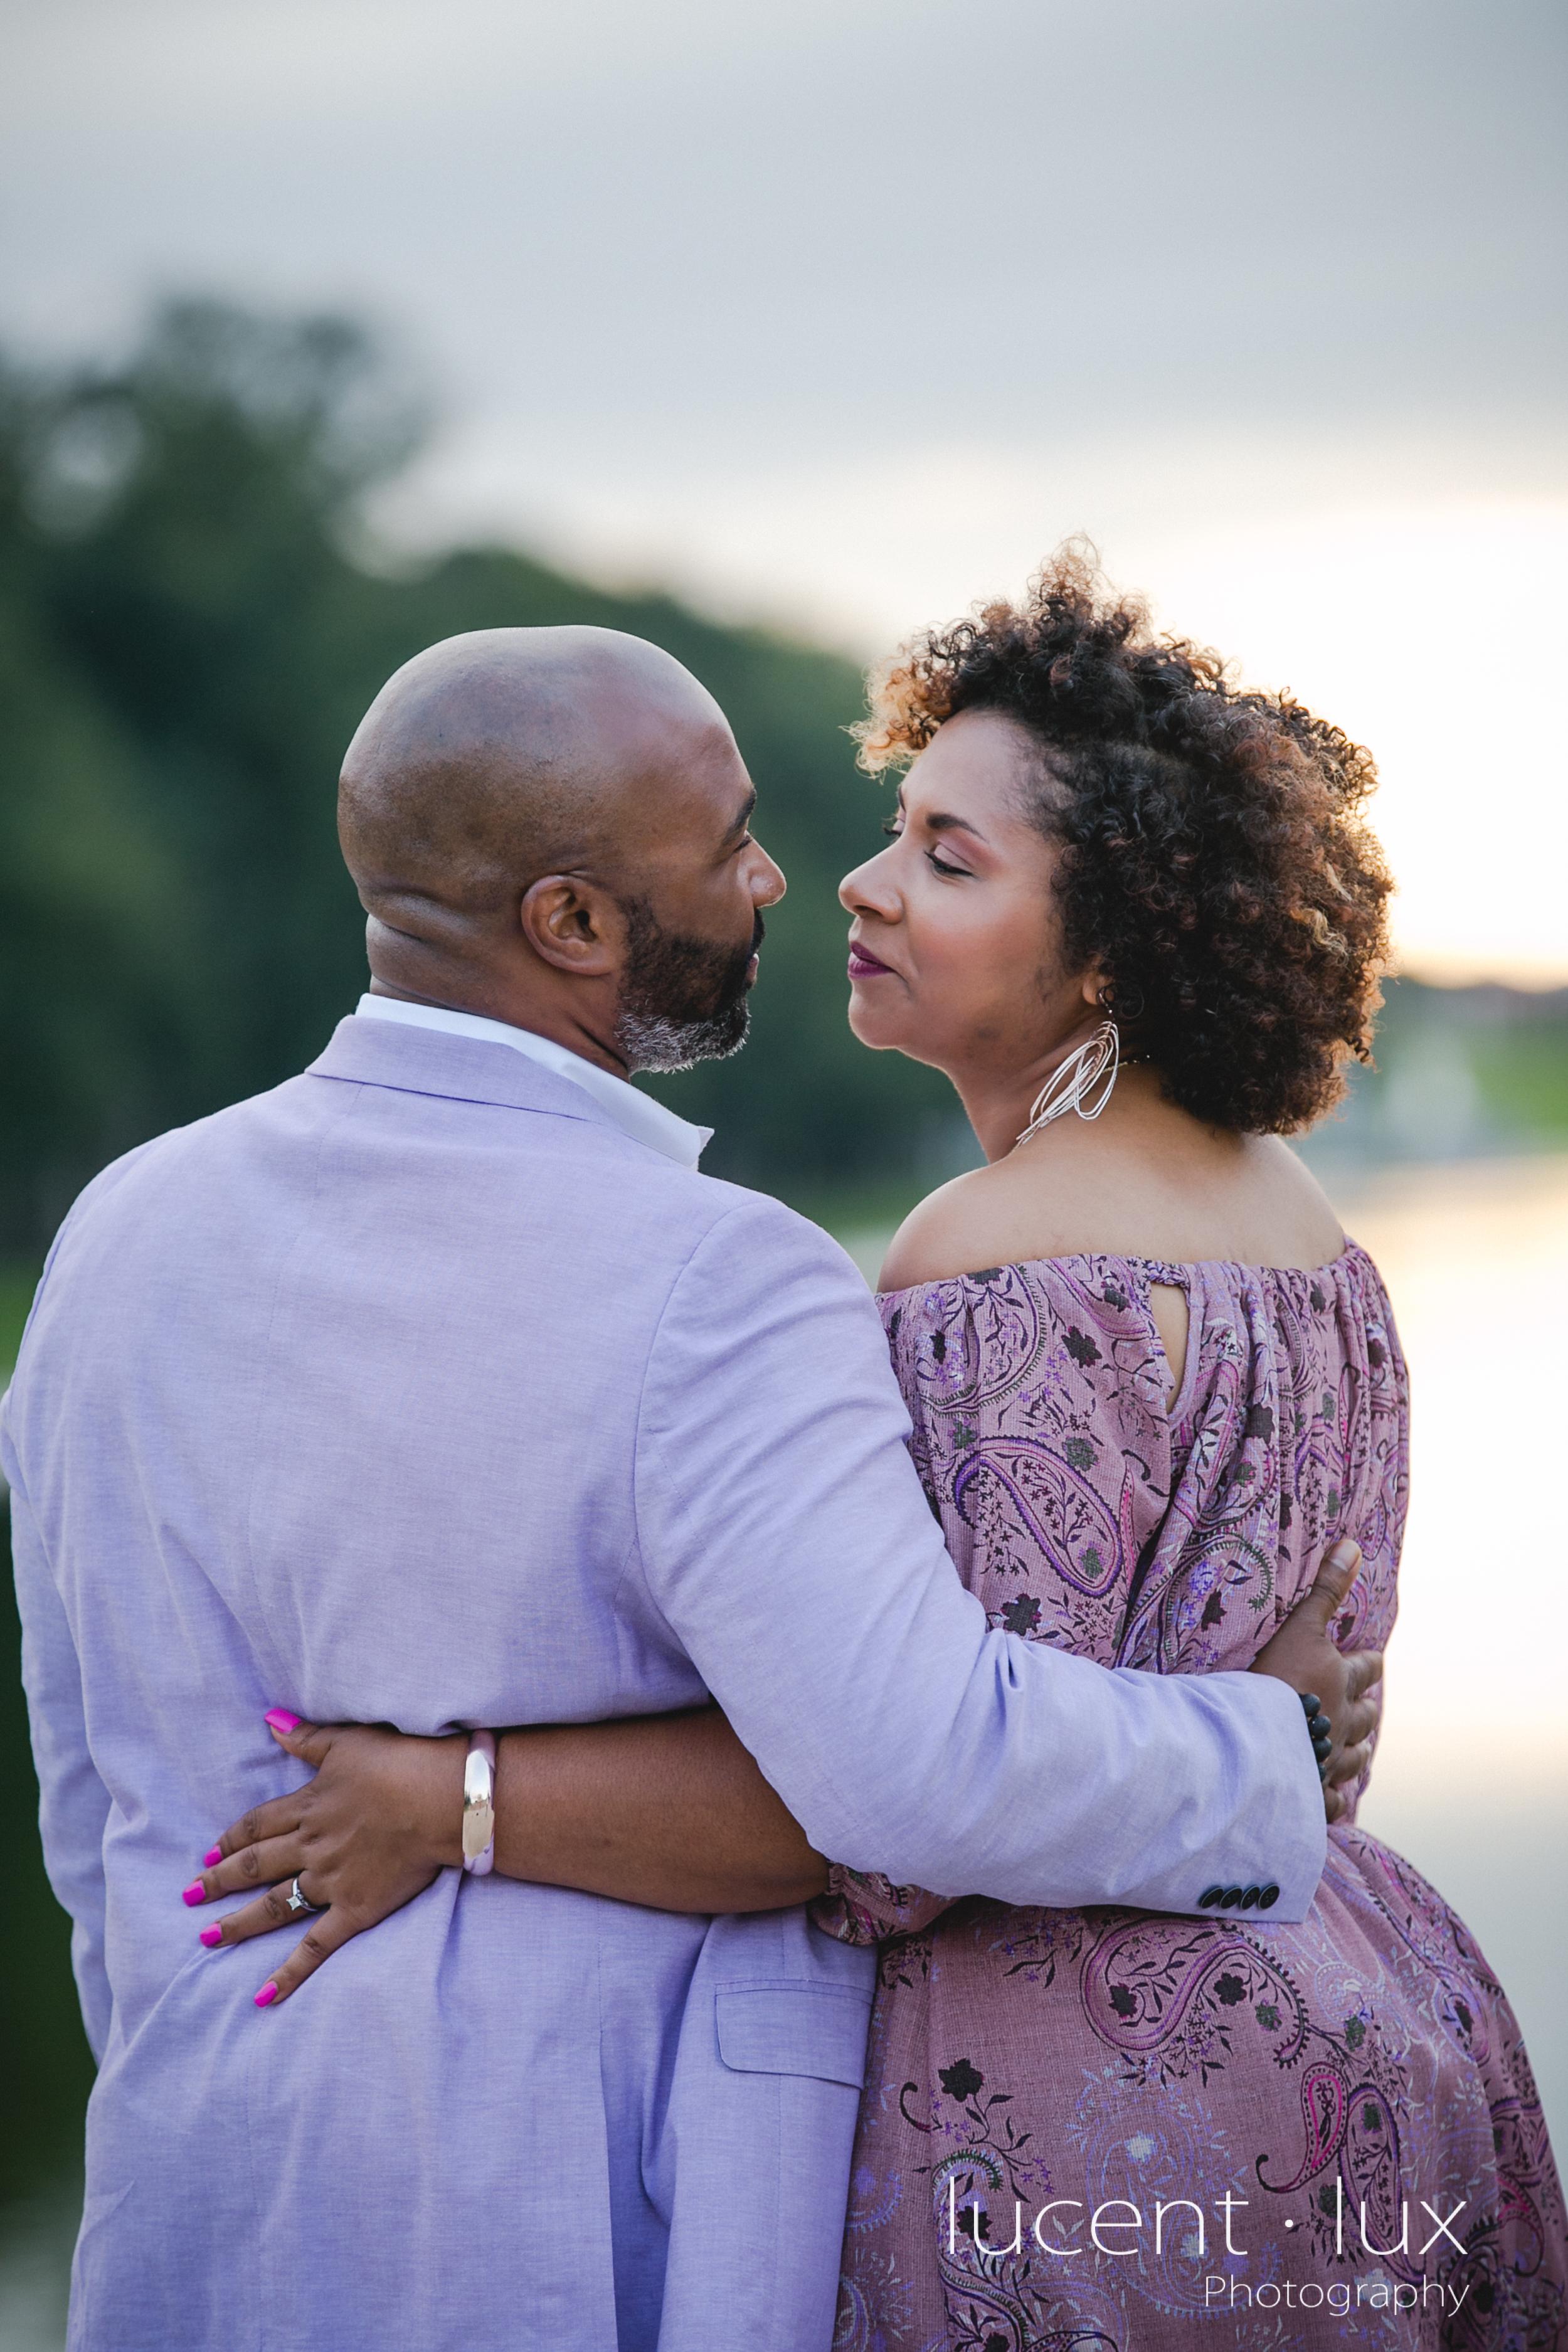 Baltimore-Maryland-Engagement-Photography-Wedding-Washington-DC-Photographer-Portrait-Engagement-259.jpg